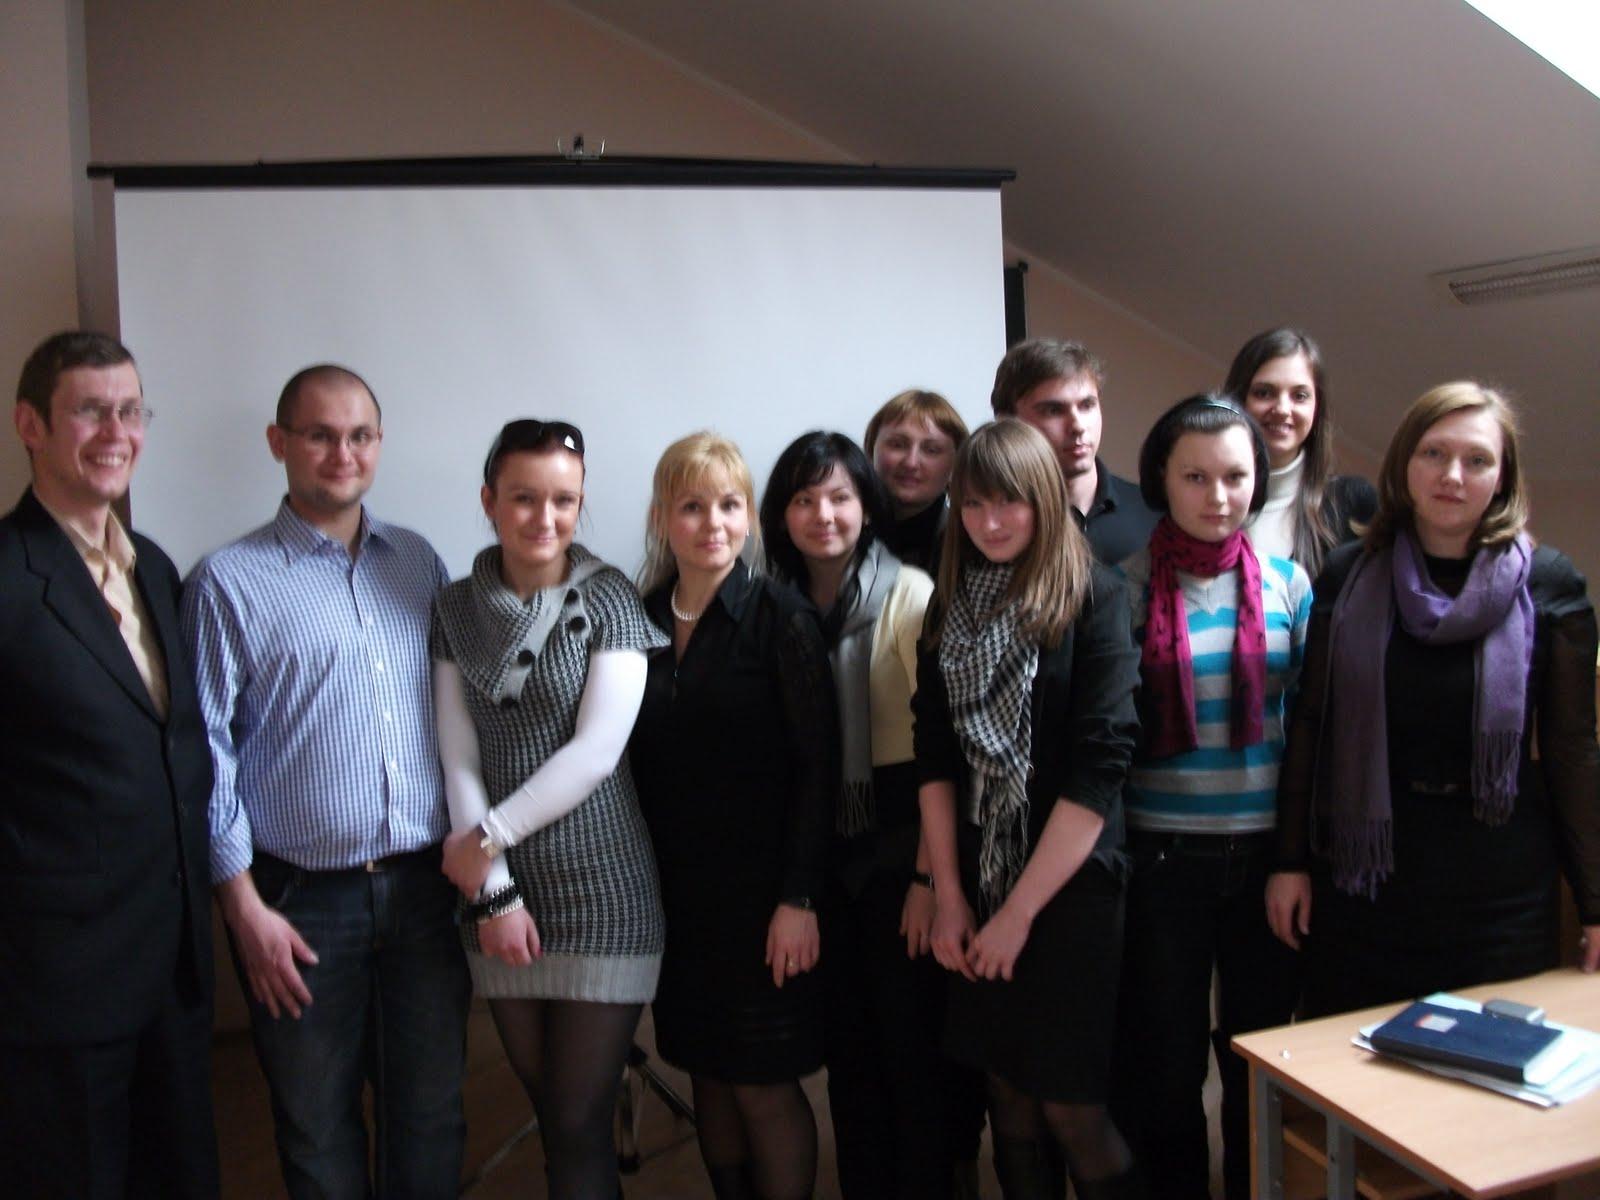 Zdjęcia z 3 dniowej wizyty w naszych Przyjaciół z Kijowa. Delegacja MHD odbyła wiele spotkań m.in. na Uniwersytecie, w Narodowym Szpitalu Dziecięcym Ohmadet i wielu innych miejscach, prowadząc rozmowy o utworzeniu na Ukrainie systemu opieki paliatywnej nad dziećmi...Mamy nadzieję, że dzięki wsparciu wielu osób o wielkich sercach już niedługo pomożemy stworzyc pierwszy ośrodek hospicyjny dla dzieci.